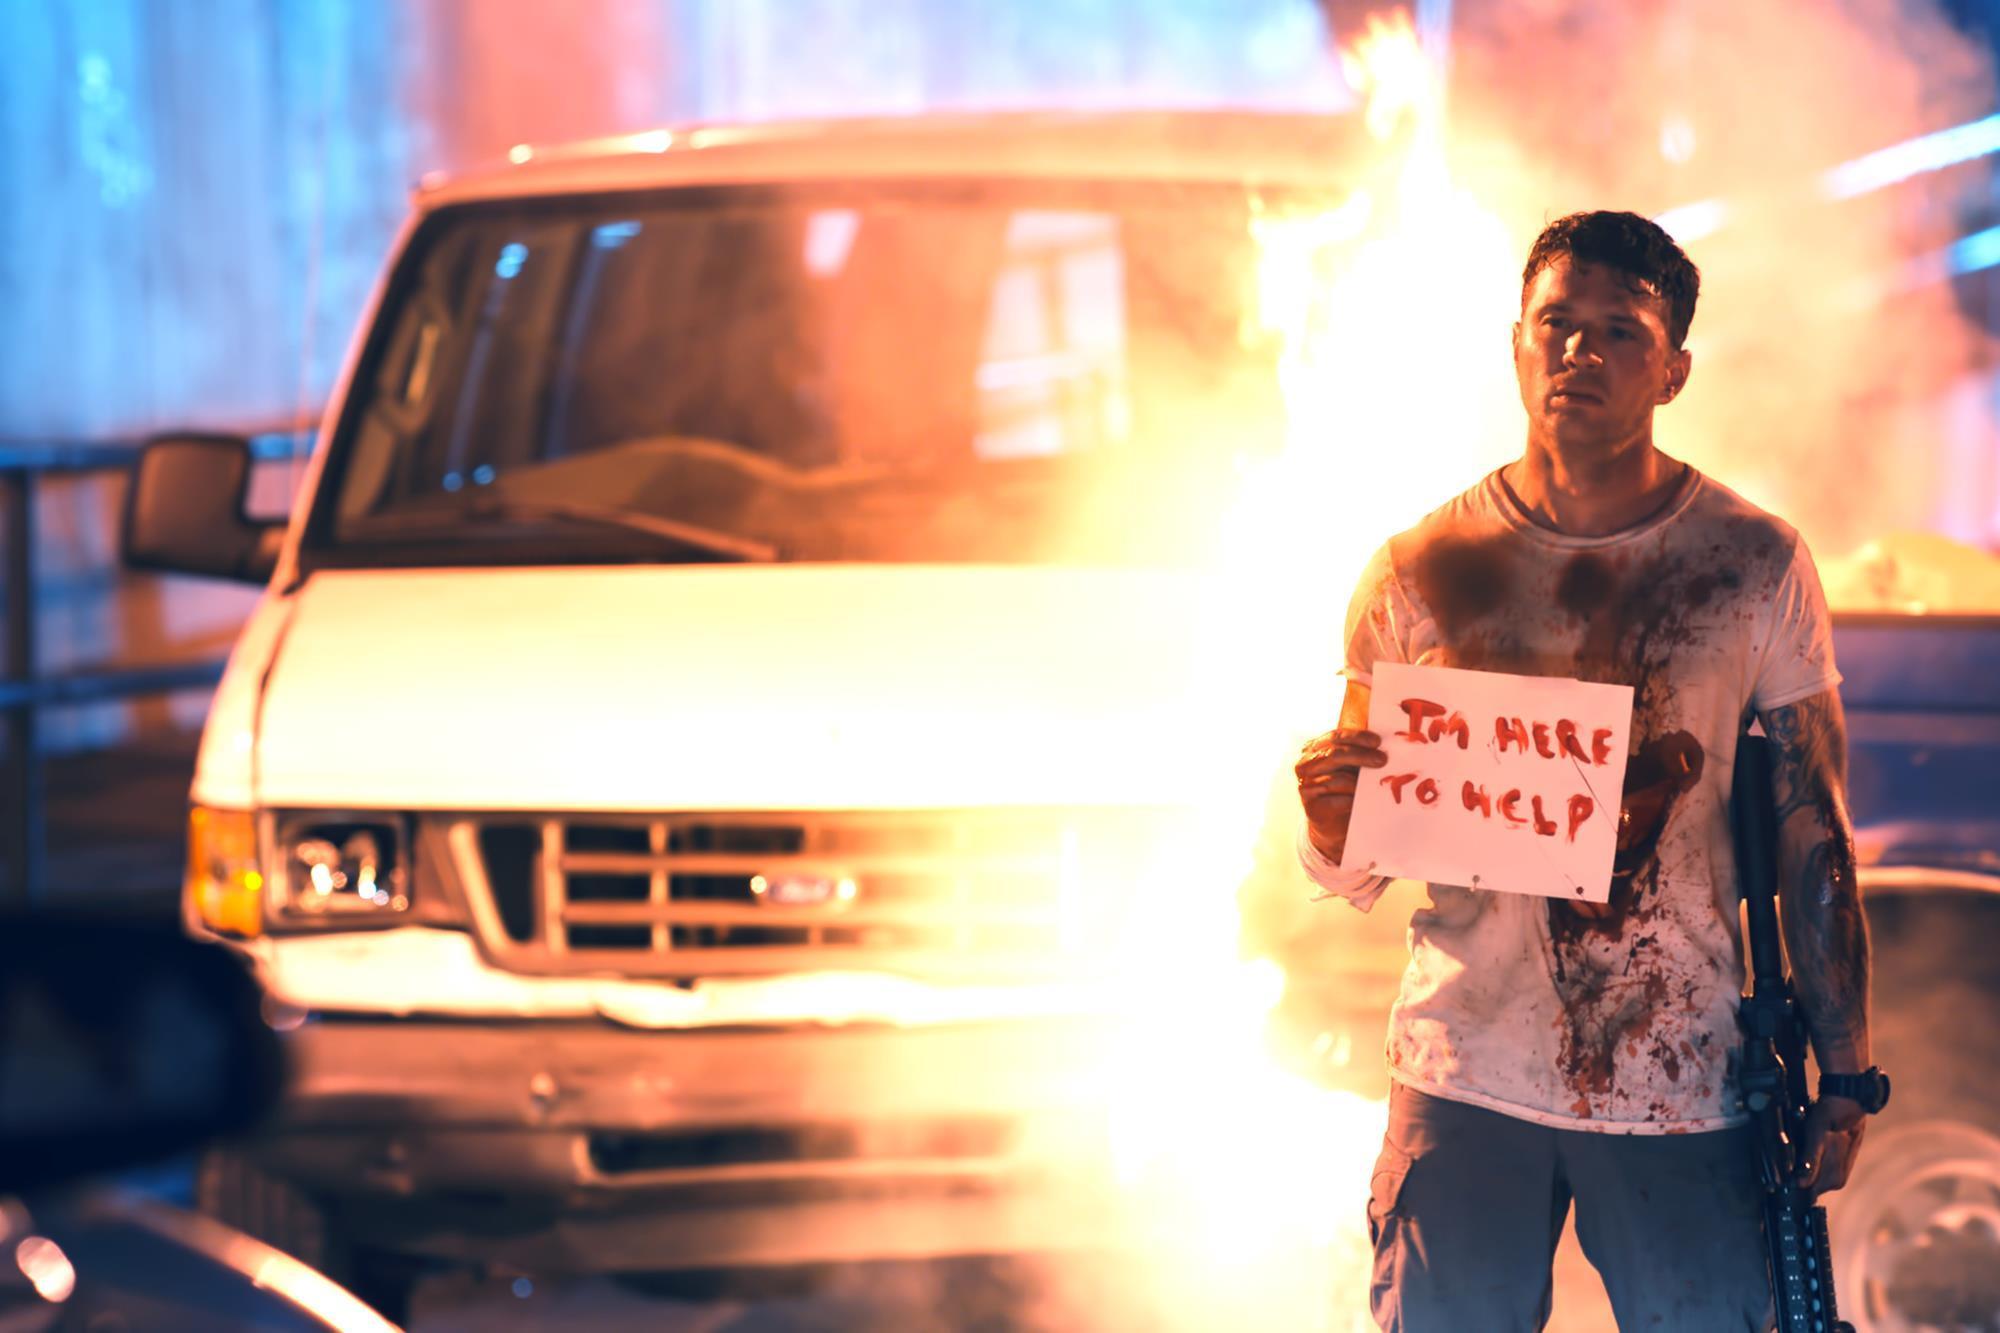 Violento filme de ação com galã dos anos 2000 chega na Netflix